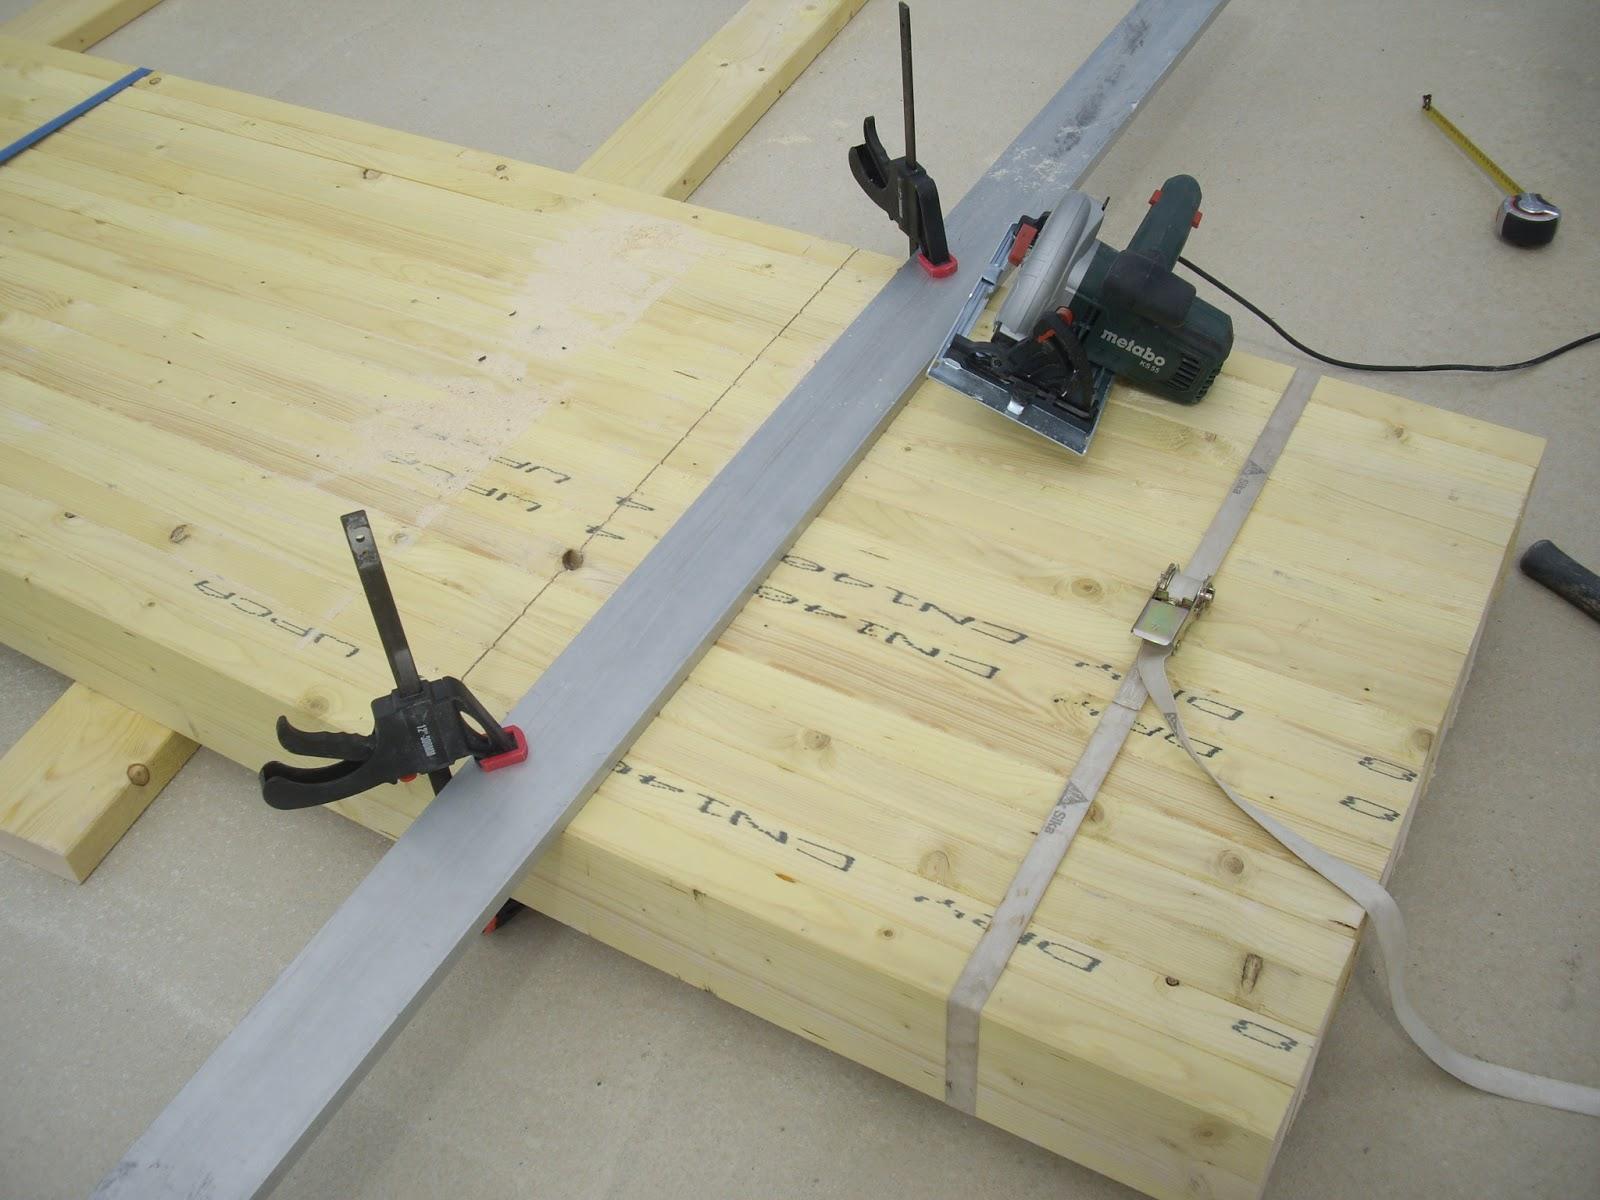 Notre auto construction passive maison ossature bois m for Guide autoconstruction